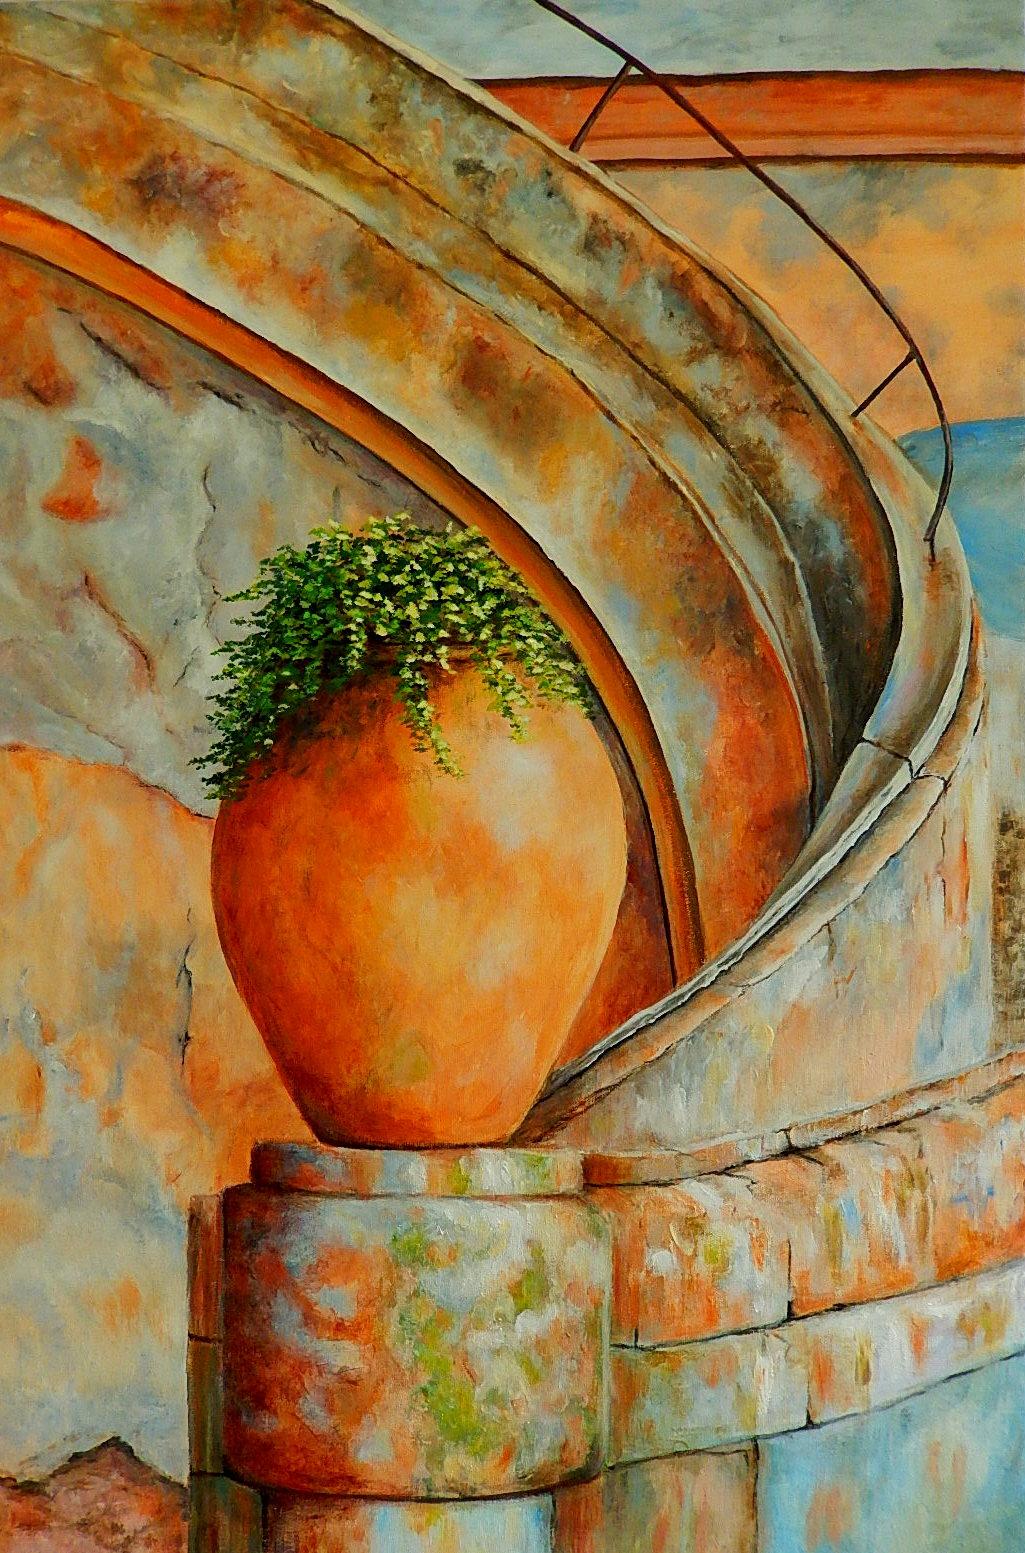 Jacquie Ellis - Artist